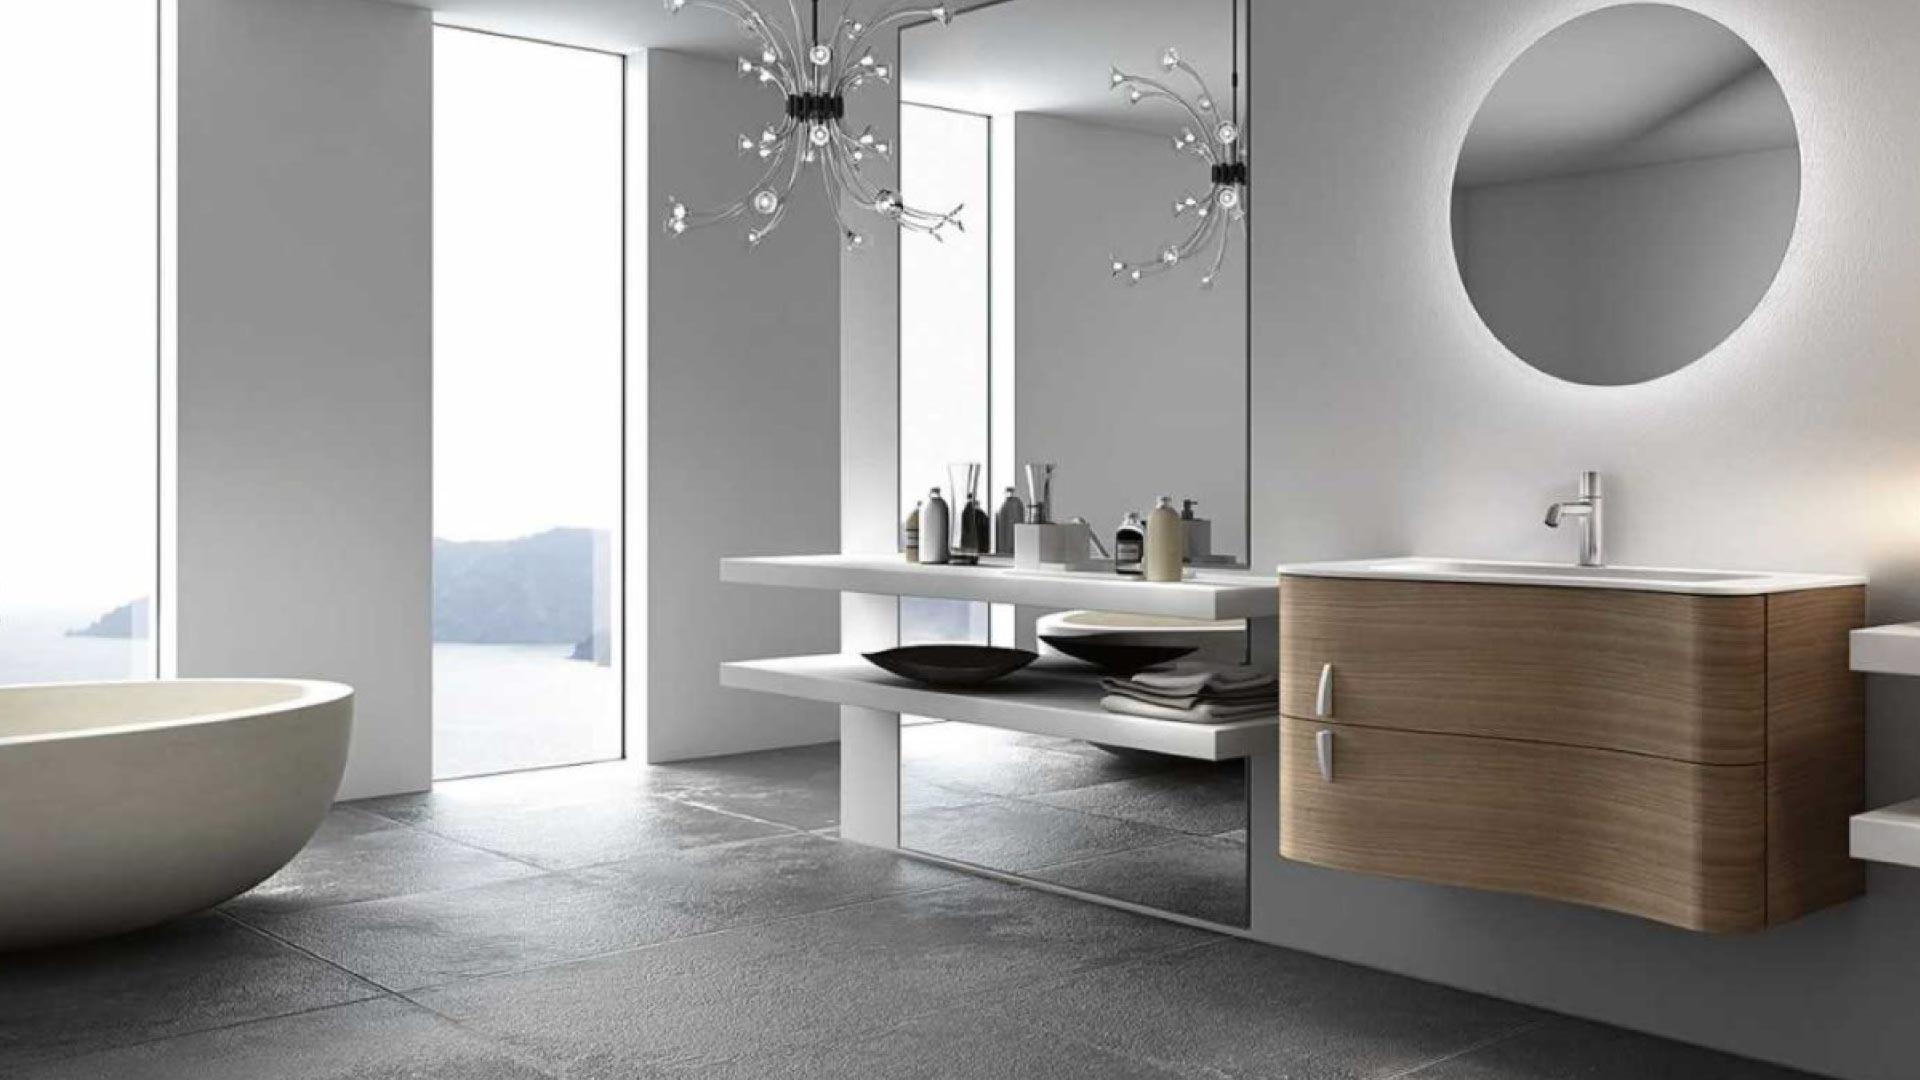 Pavimenti e rivestimenti arredo bagno catania silvia for Arredo bagno catania